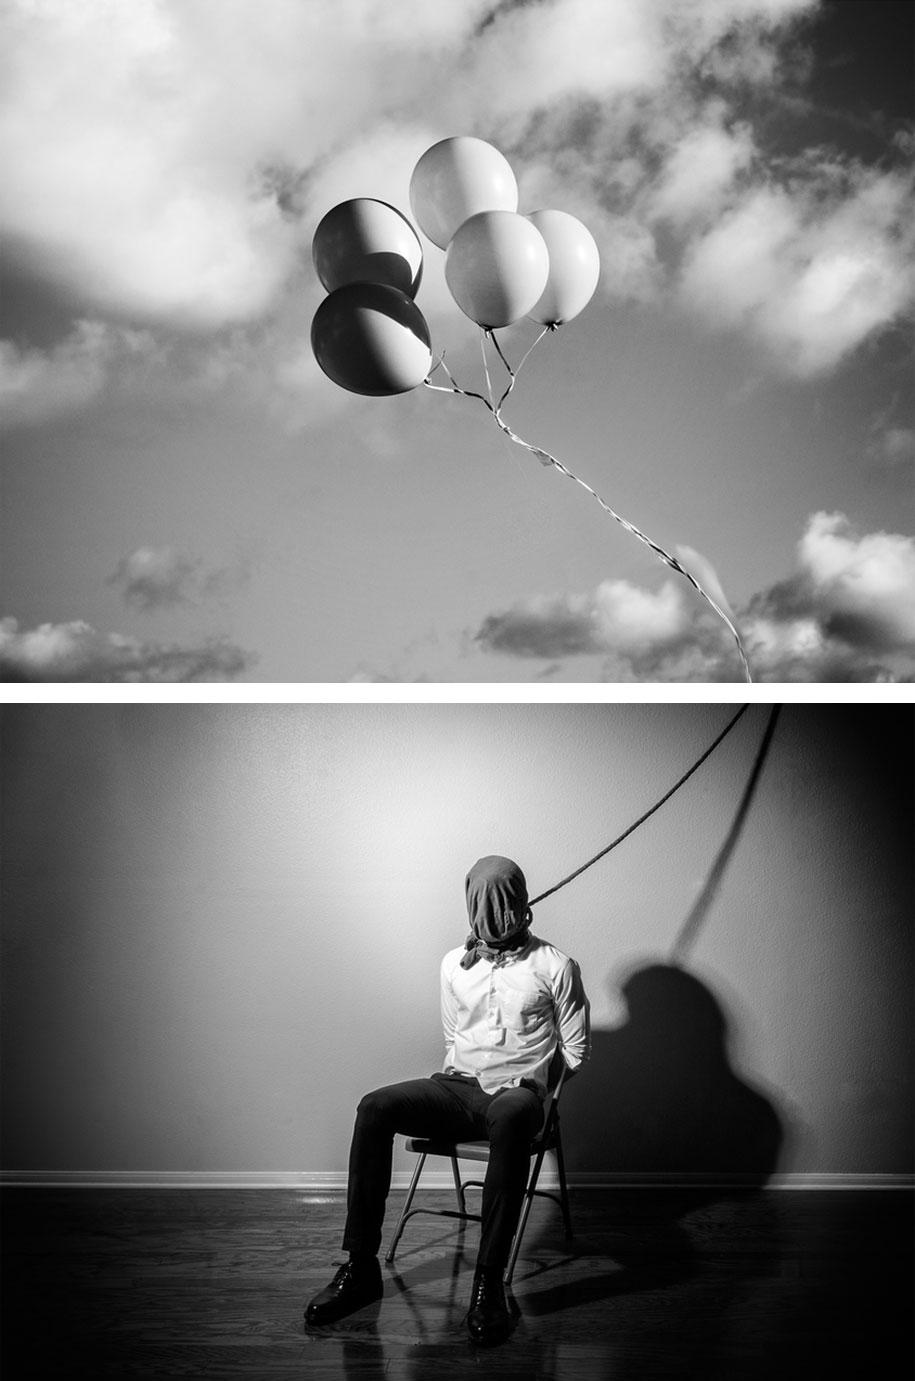 depressione-autoritratti-fotografia-edward-honaker-11